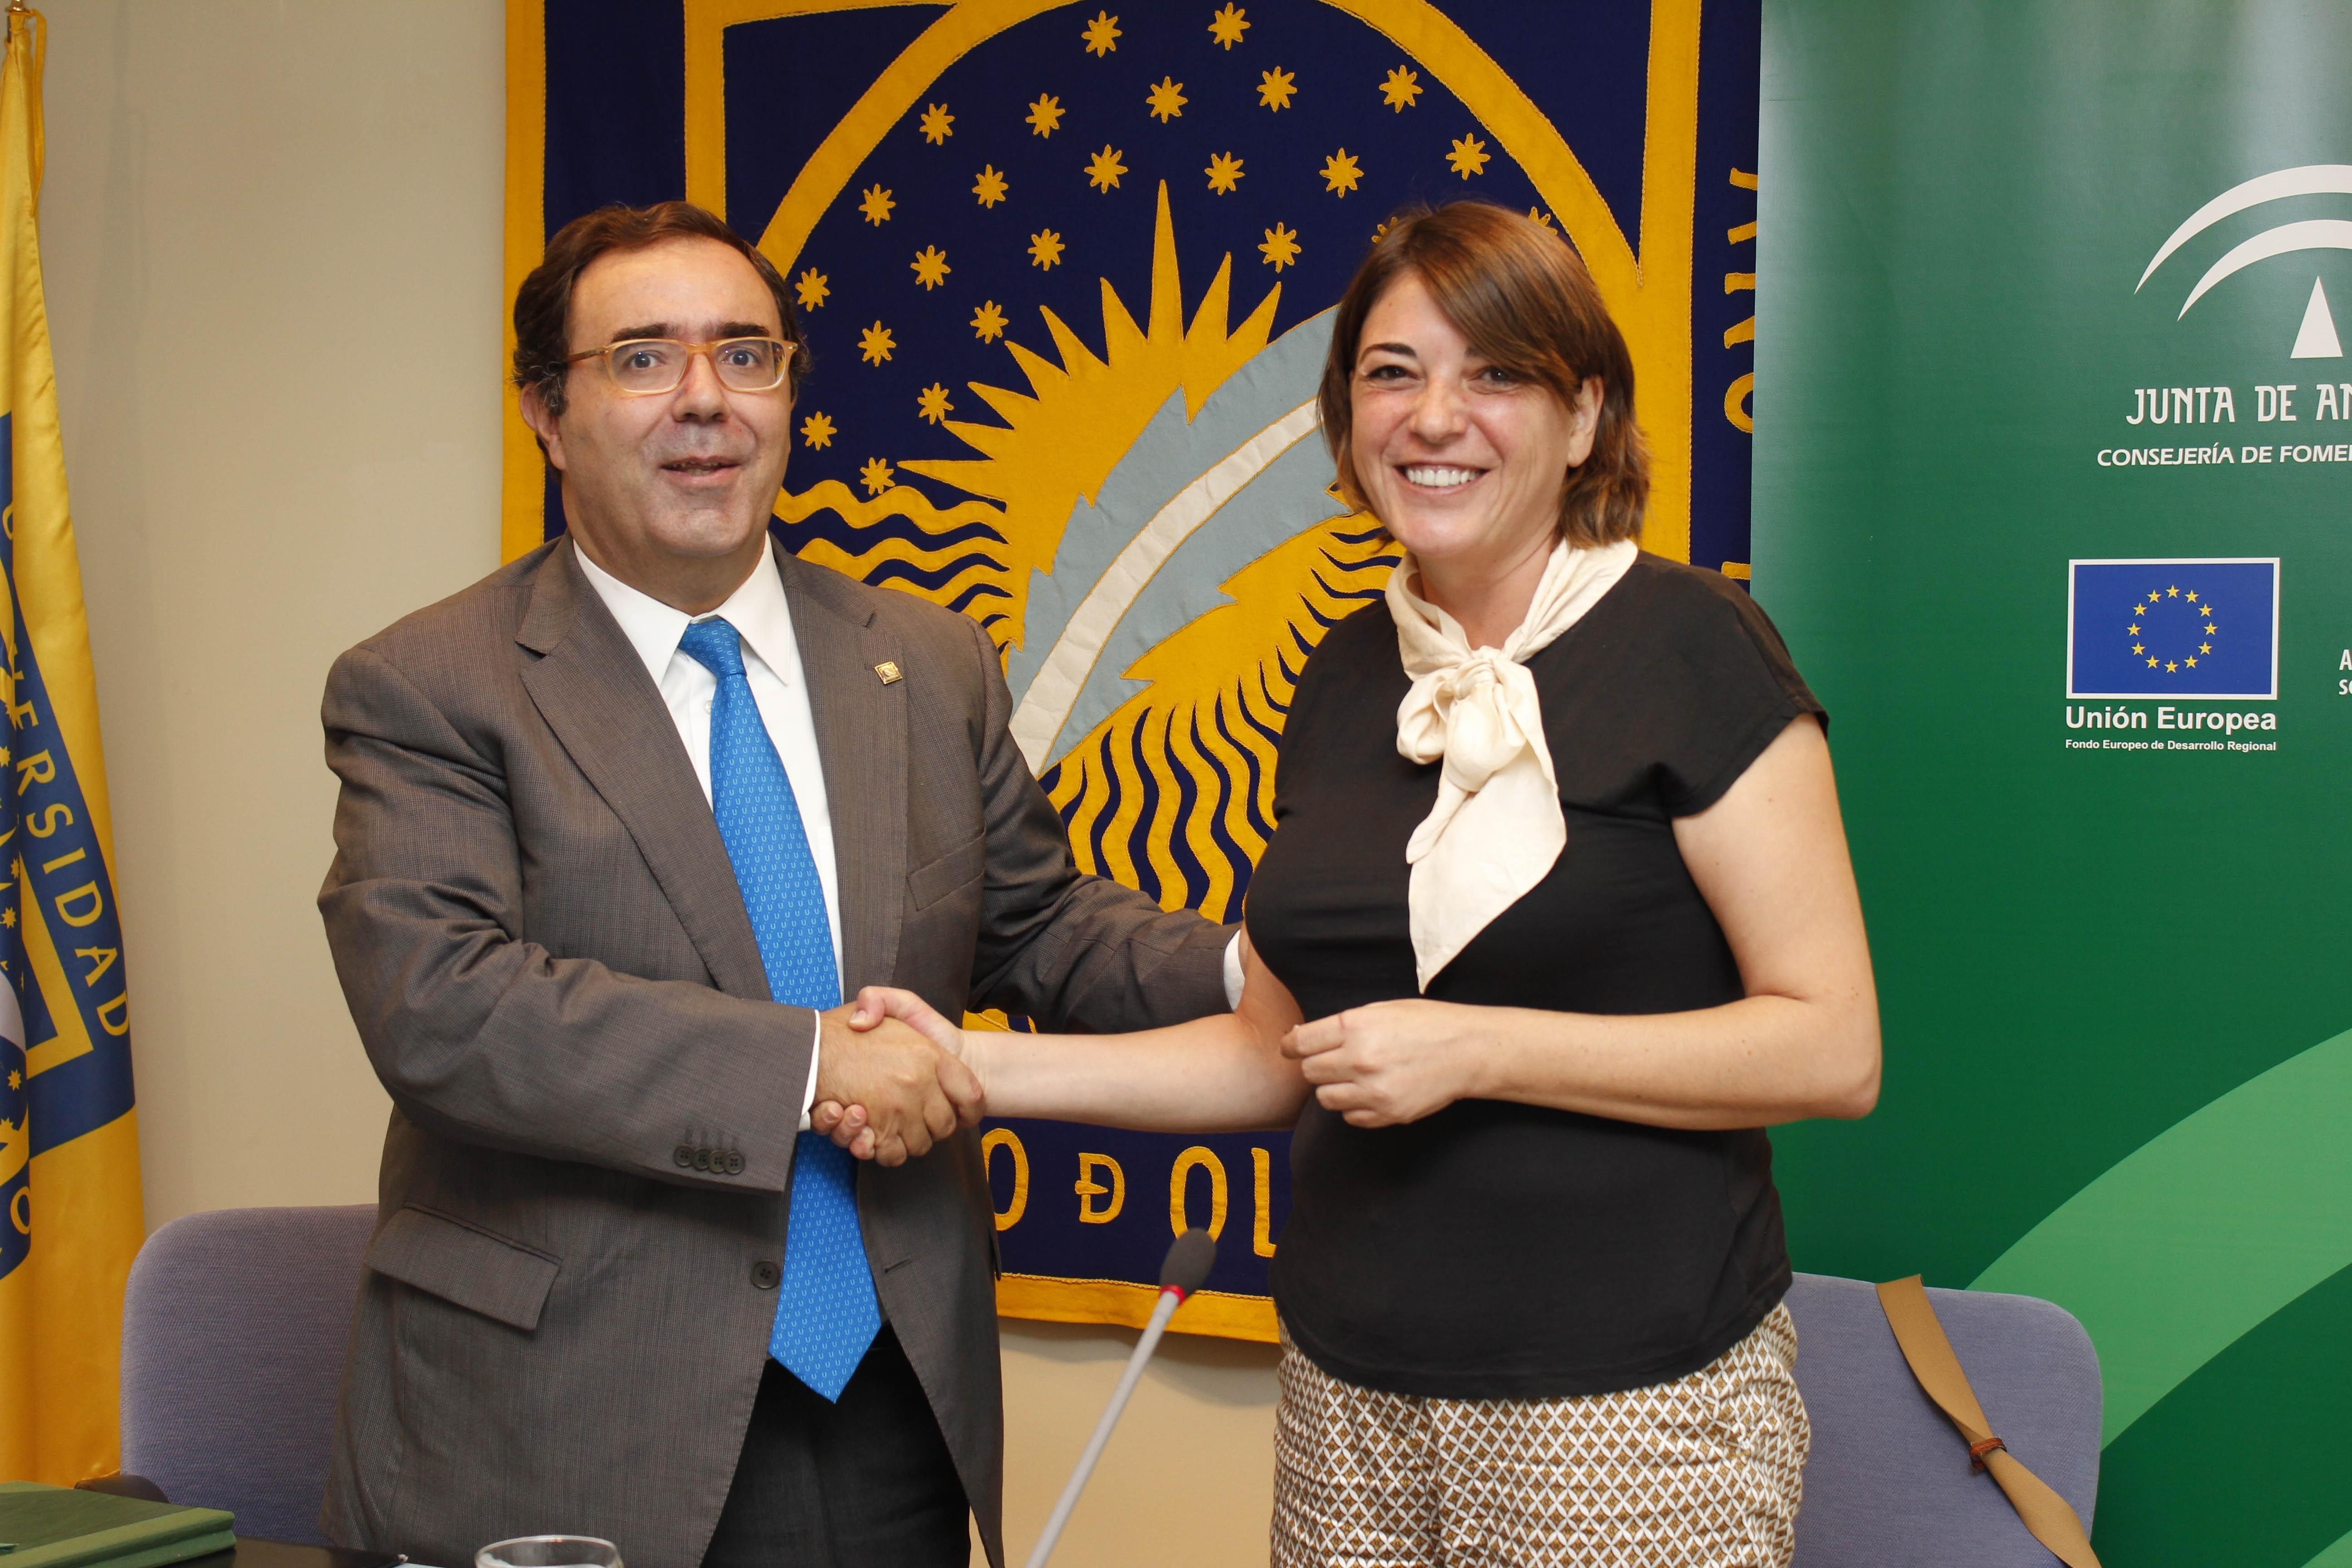 La Junta financia cinco proyectos de UPO sobre movilidad y eficiencia energética por 1,2 millones